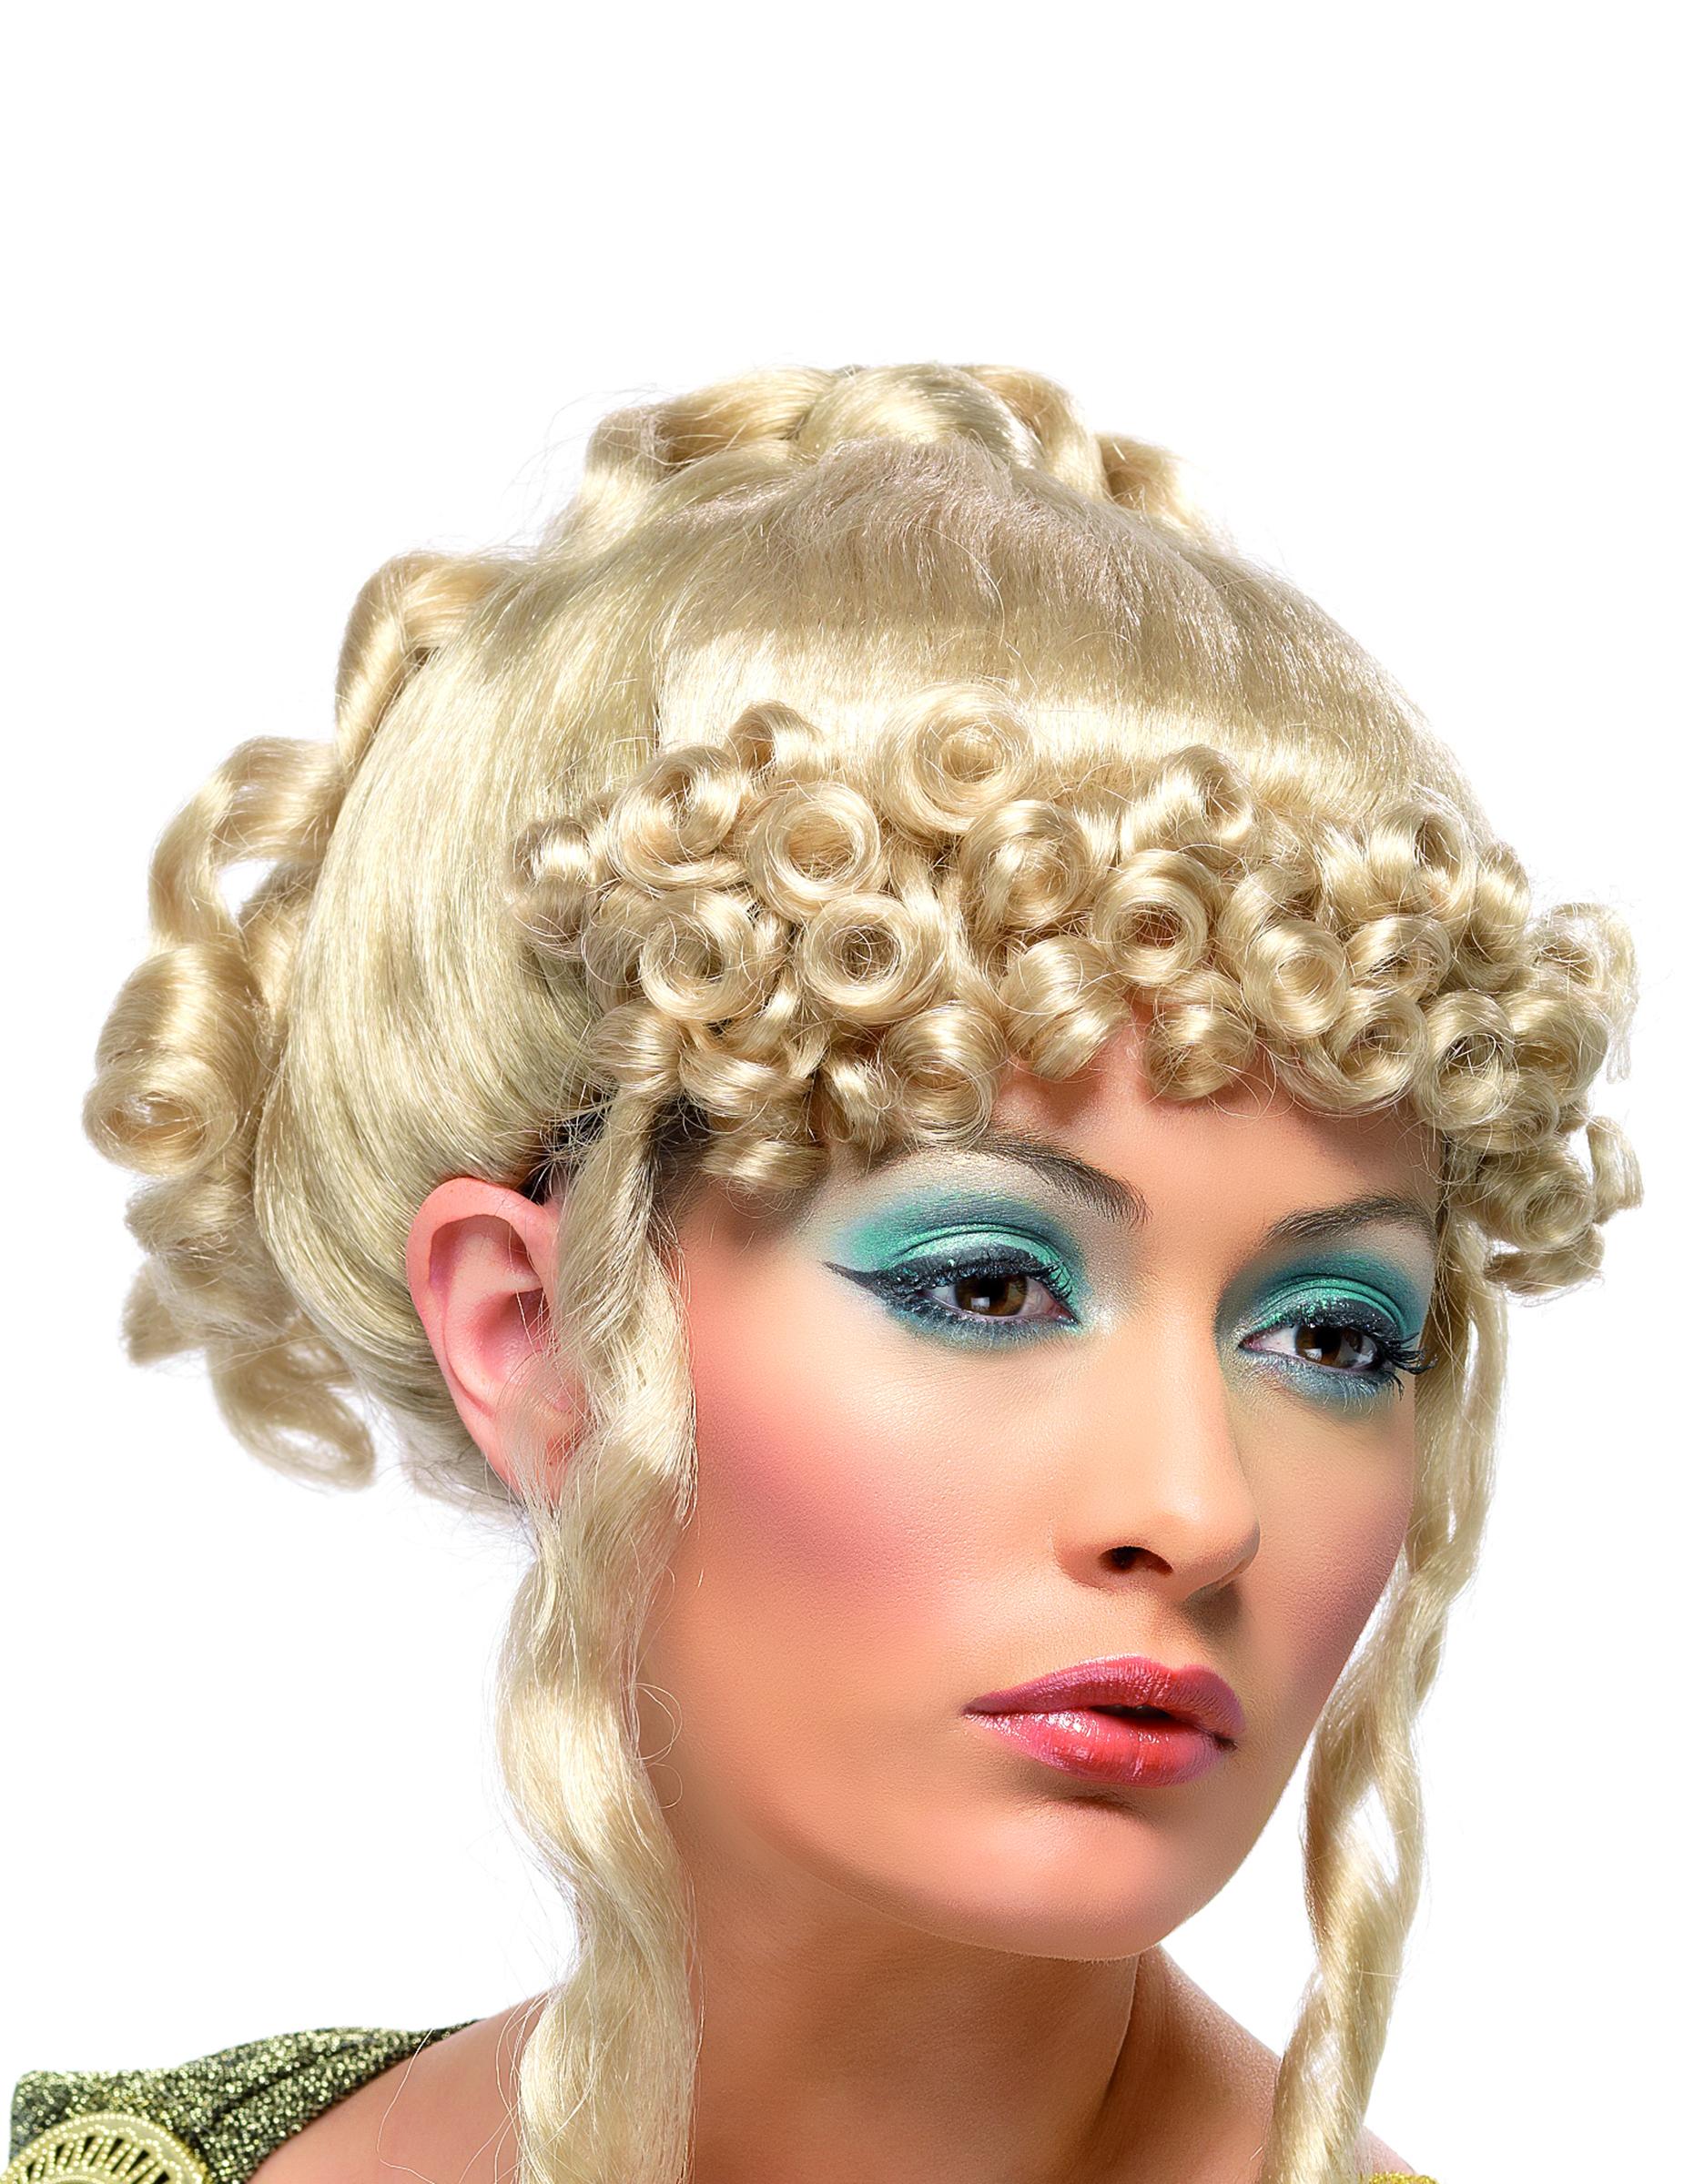 Blonde Damespruik Voor Een Griekse Godin Pruiken